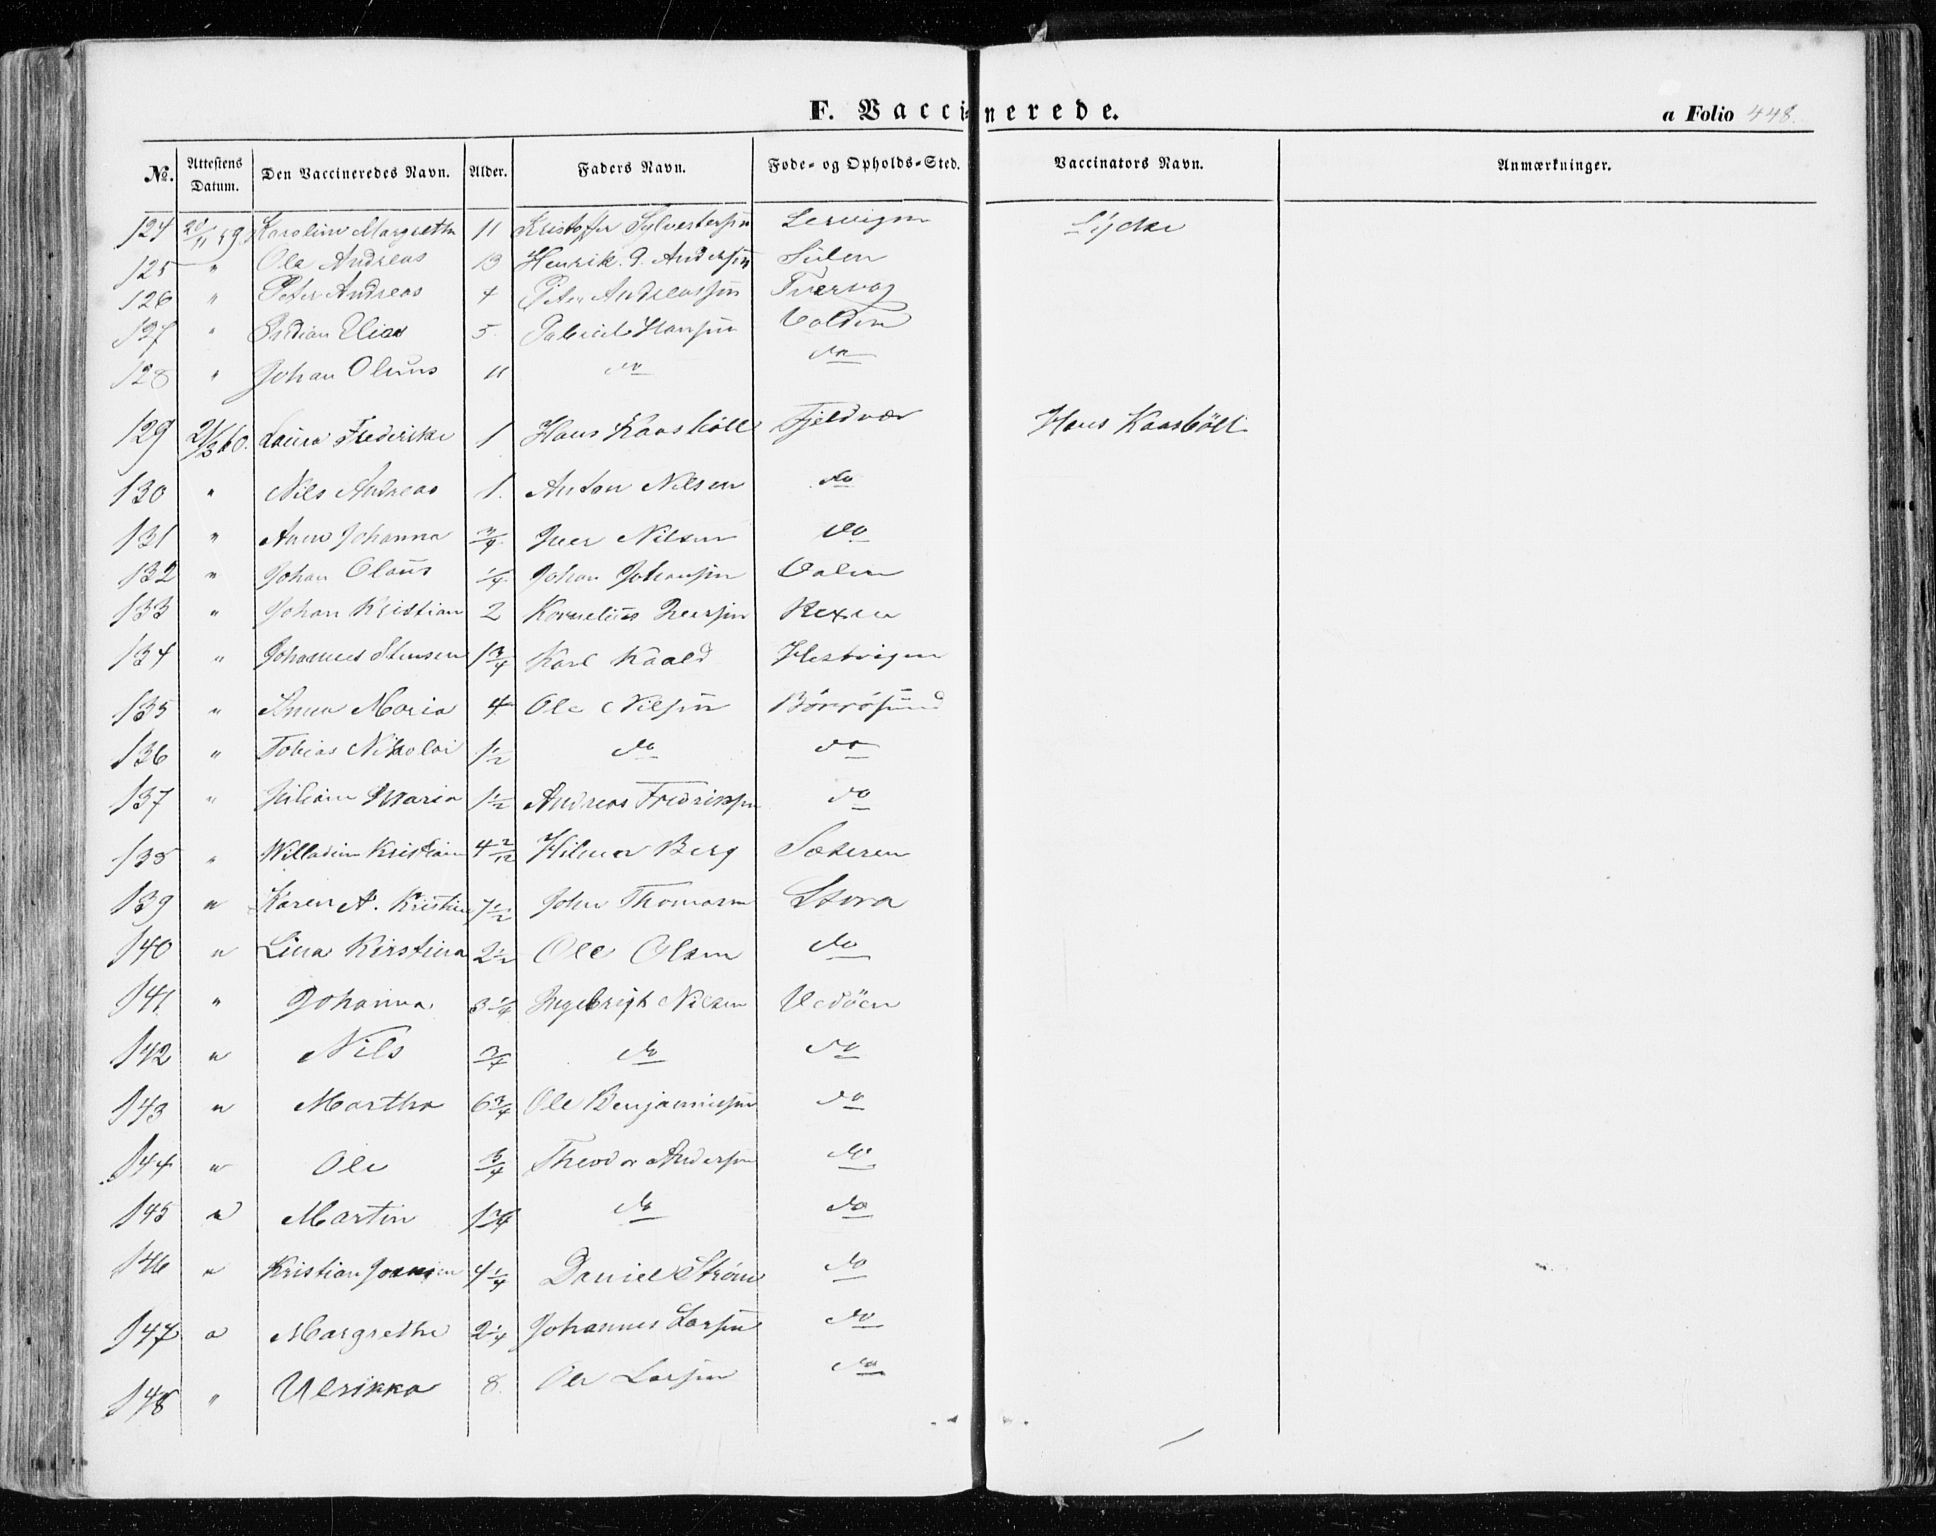 SAT, Ministerialprotokoller, klokkerbøker og fødselsregistre - Sør-Trøndelag, 634/L0530: Ministerialbok nr. 634A06, 1852-1860, s. 448